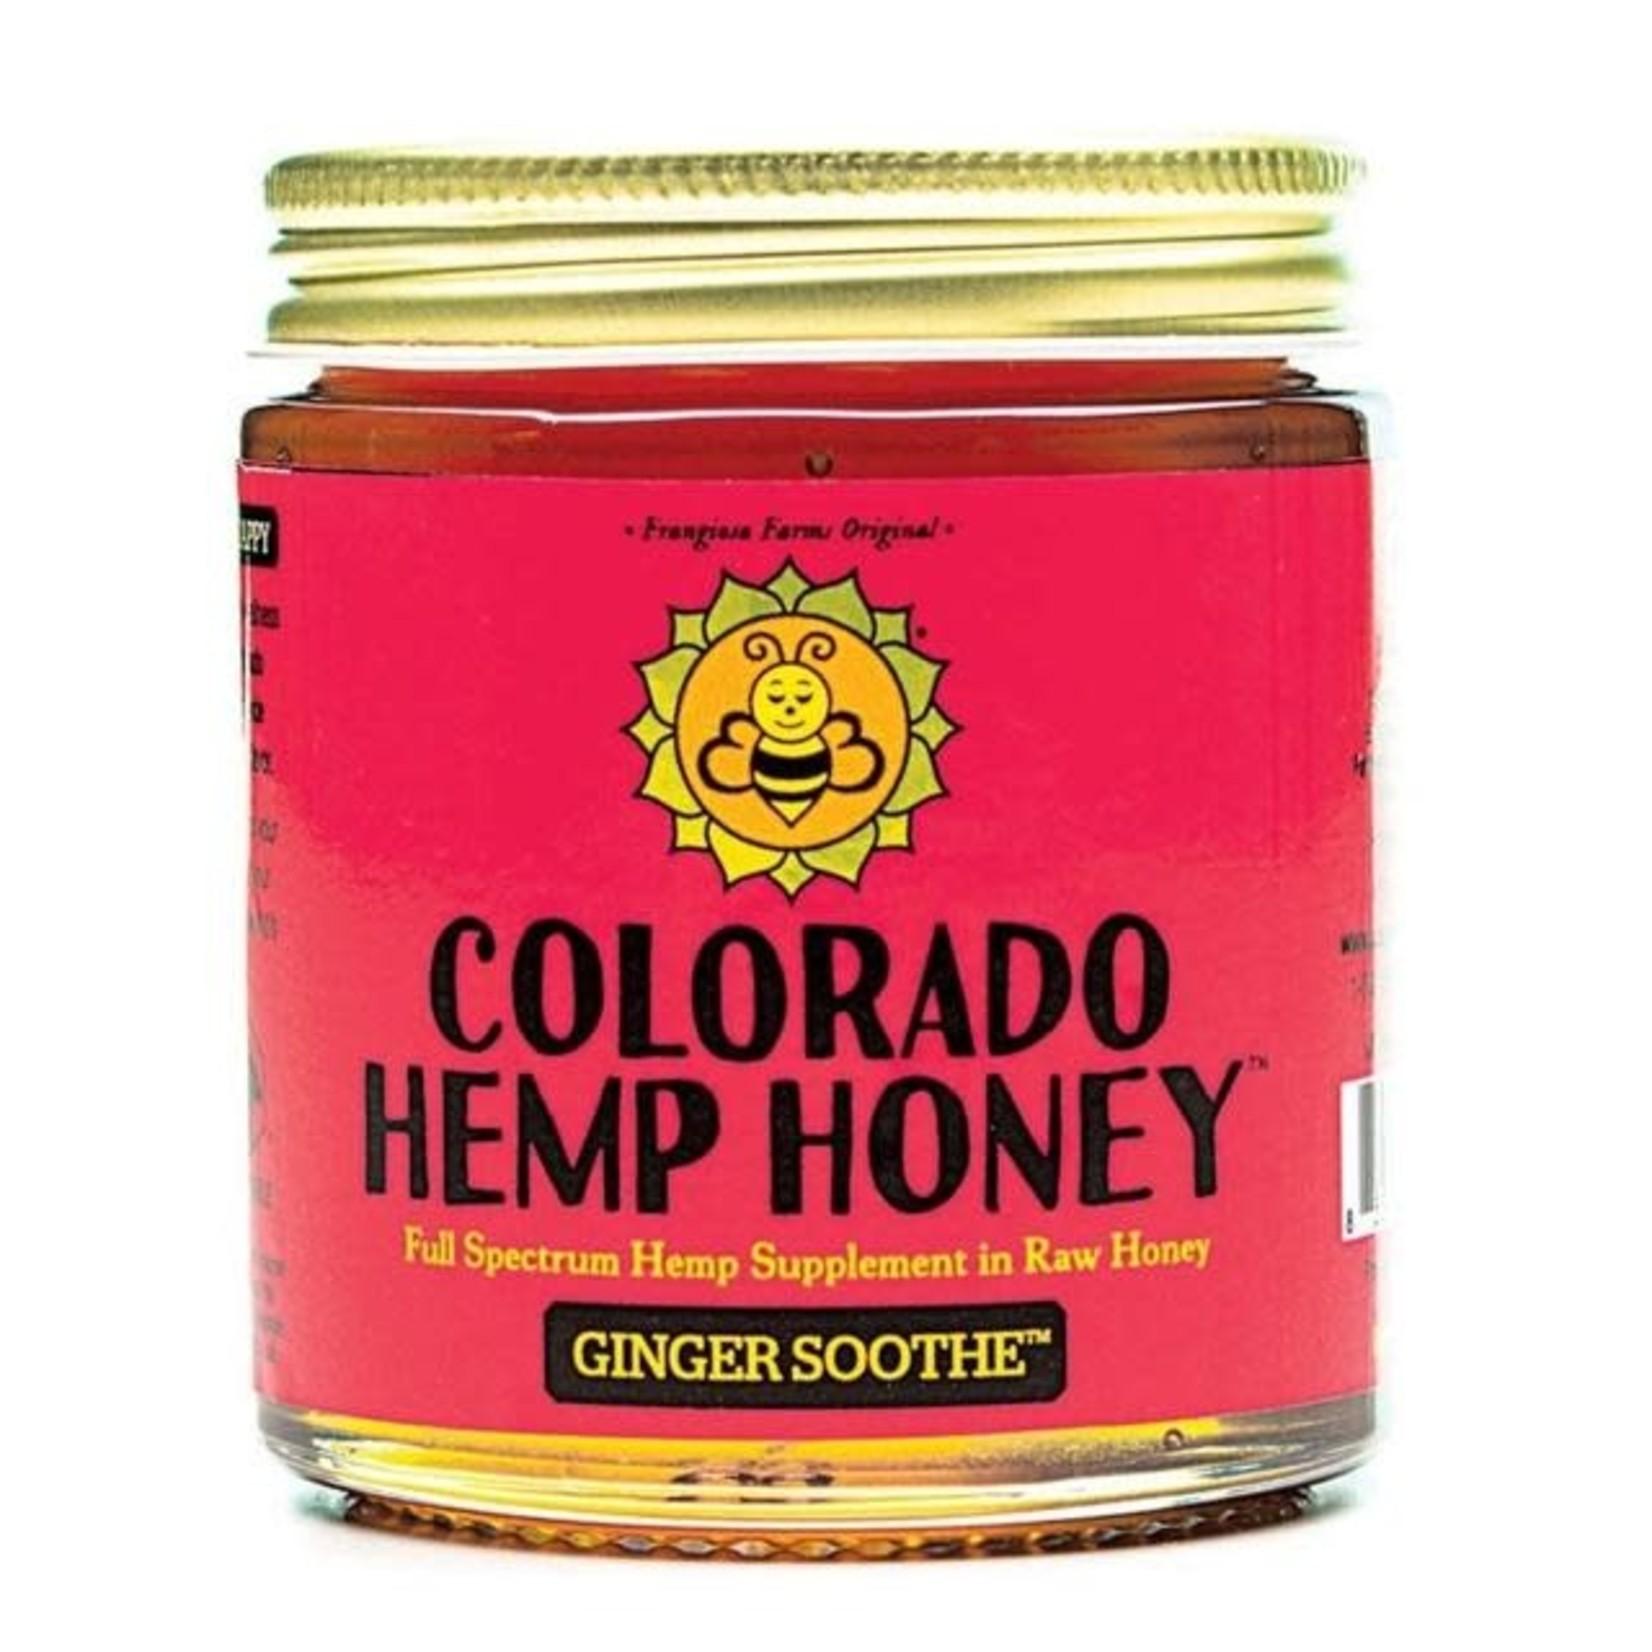 Colorado Hemp Honey Colorado Hemp Honey Ginger Soothe 6 OZ